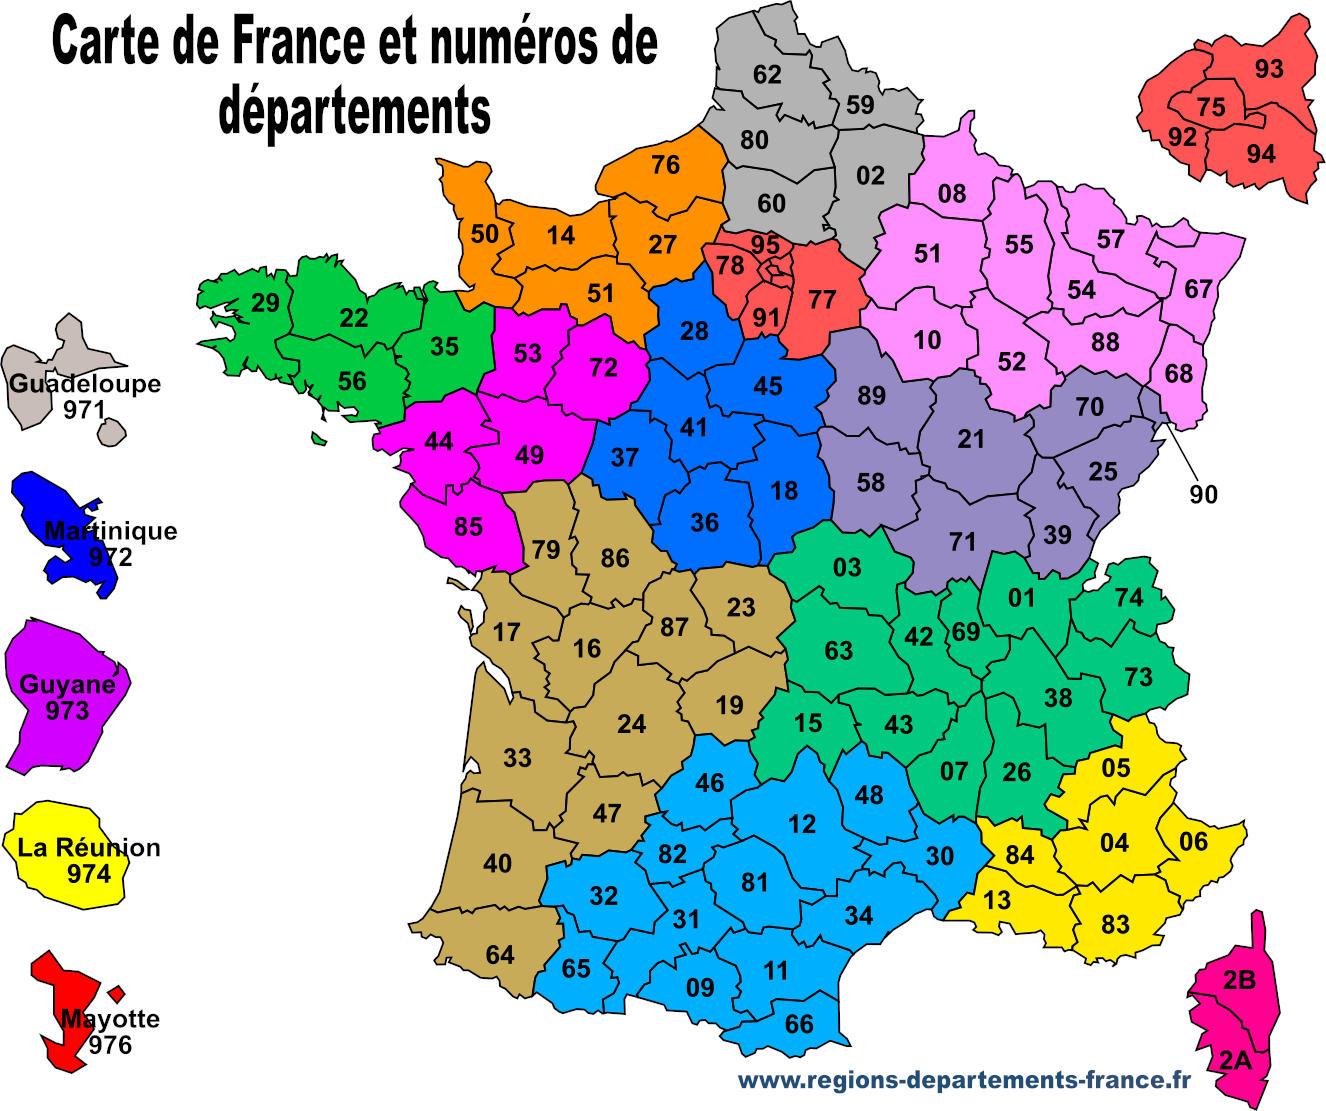 Numéro De Département : Liste Et Carte Récapitulative intérieur Liste Des Régions De France